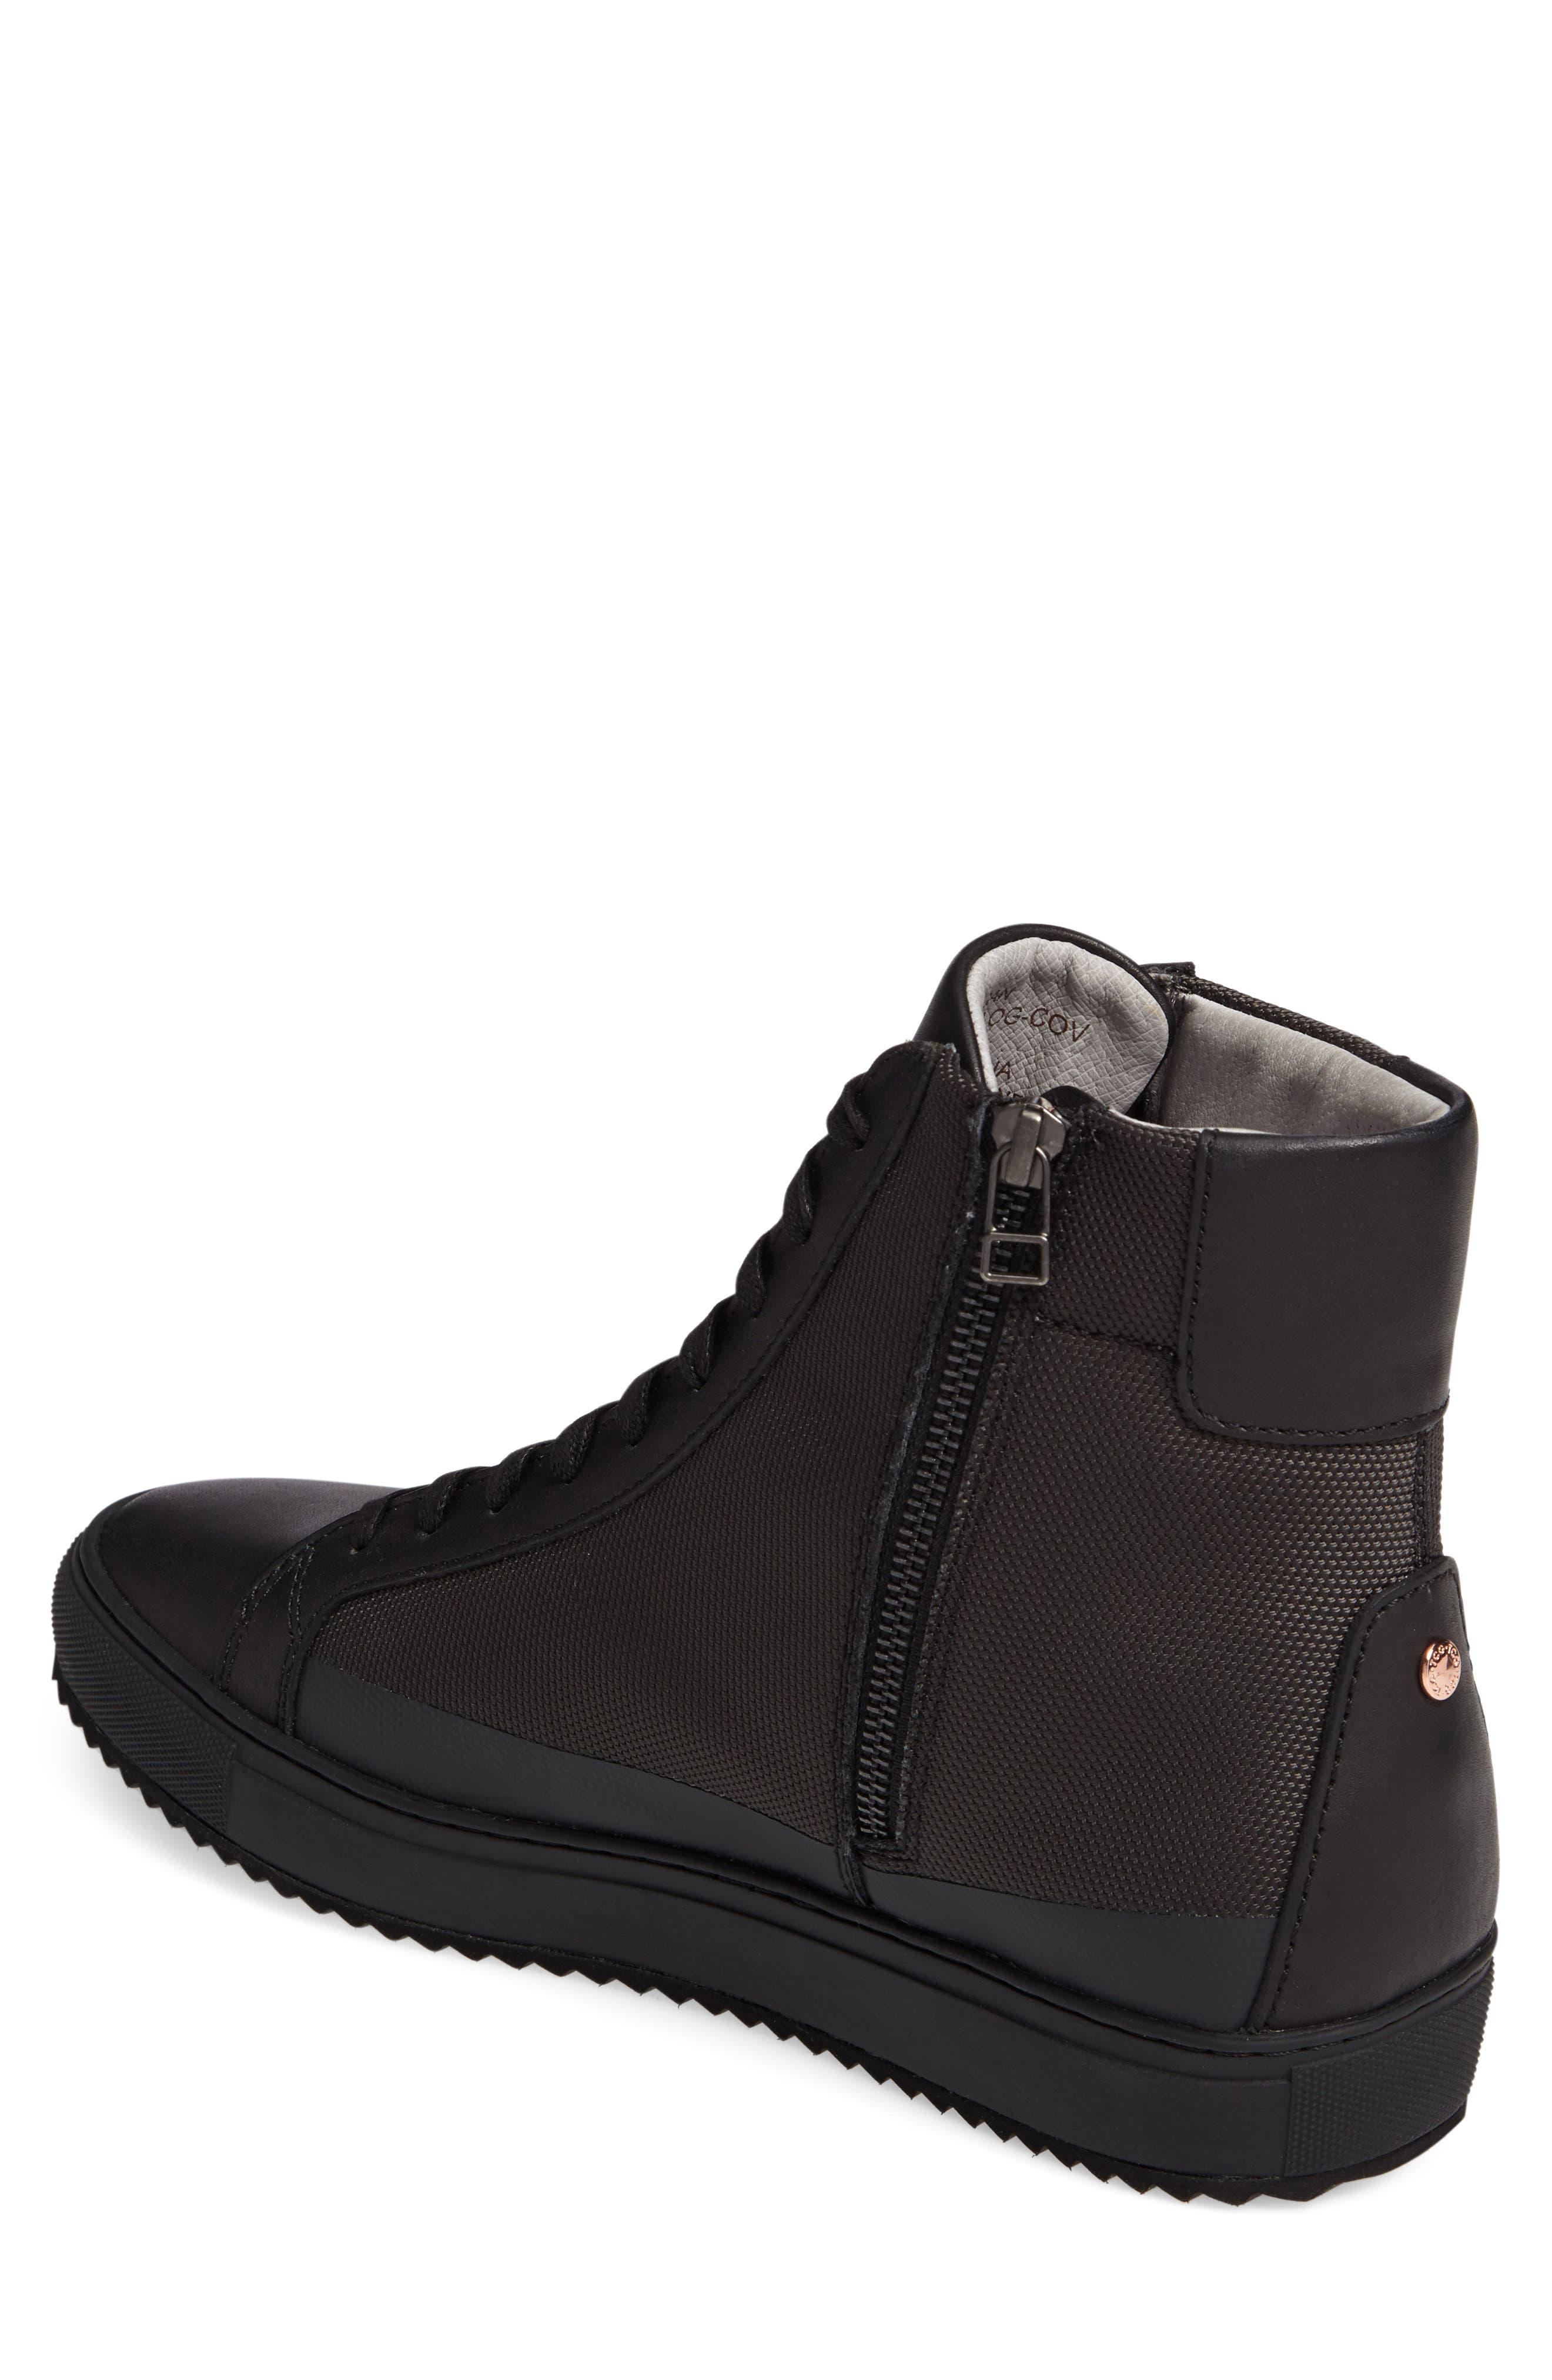 Logan Water Resistant High Top Sneaker,                             Alternate thumbnail 10, color,